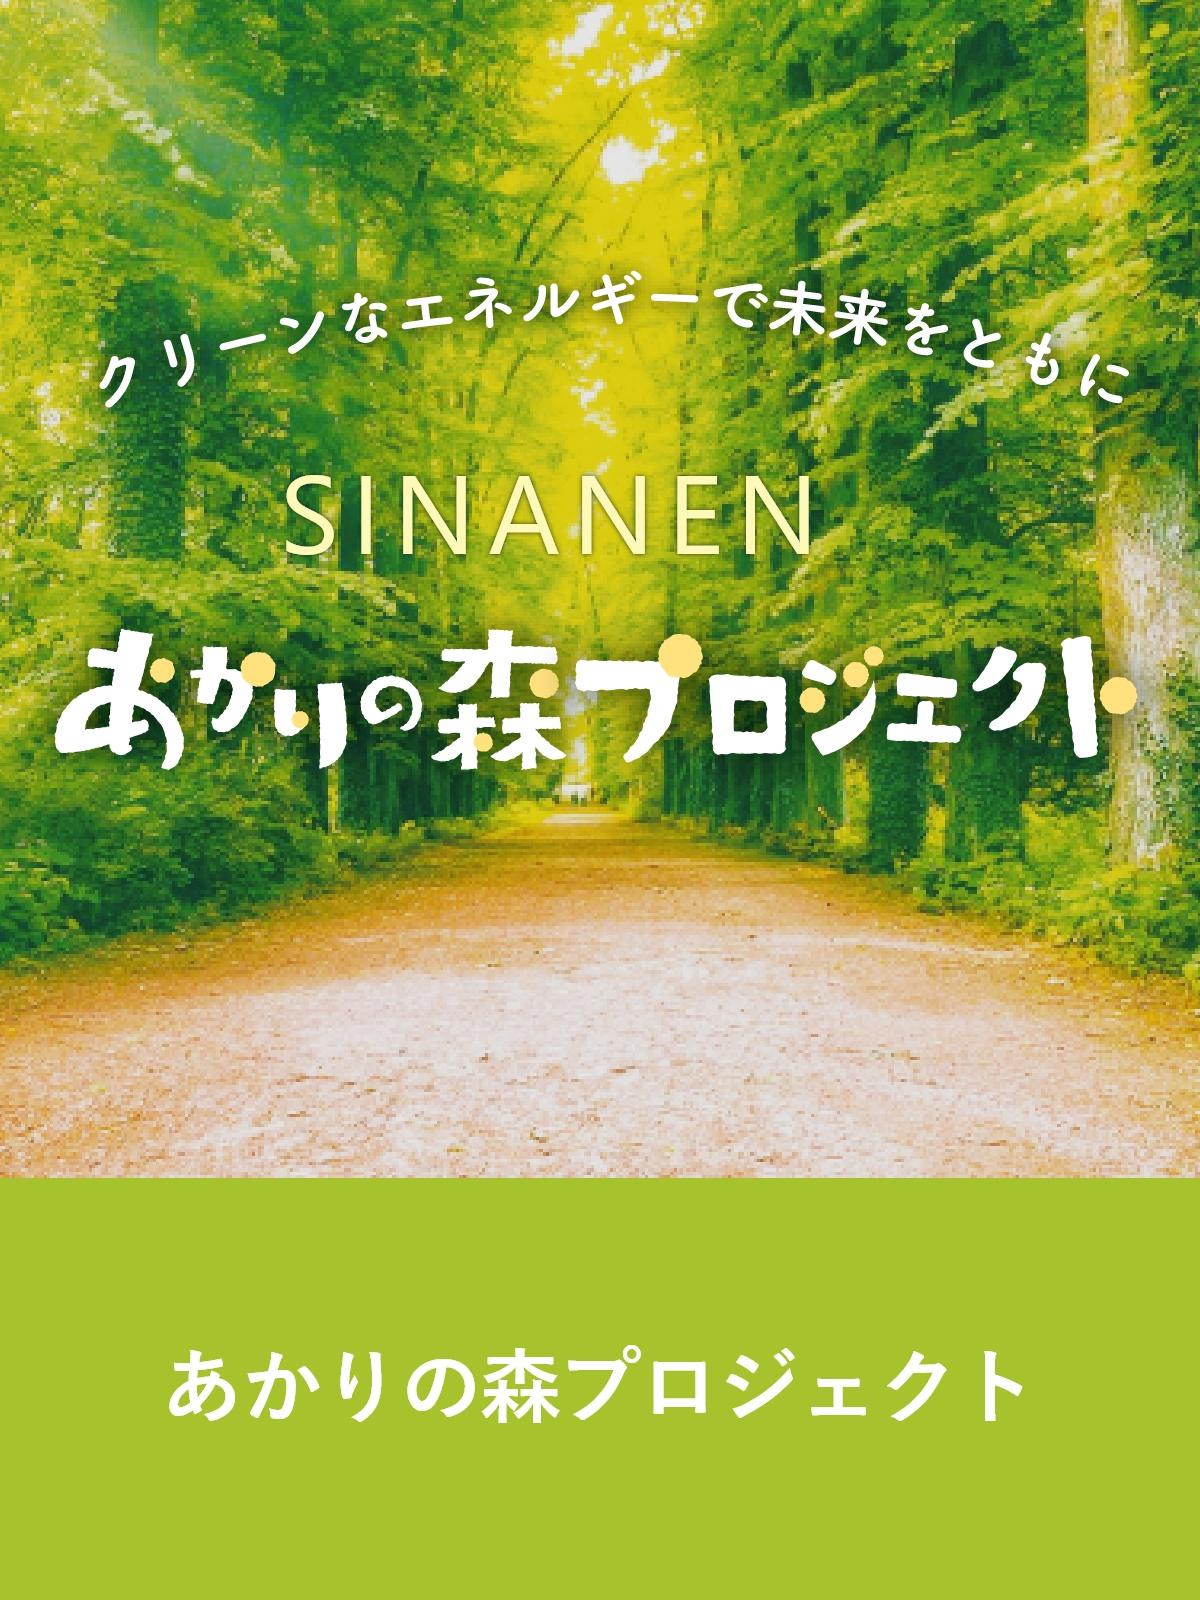 あかりの森プロジェクト